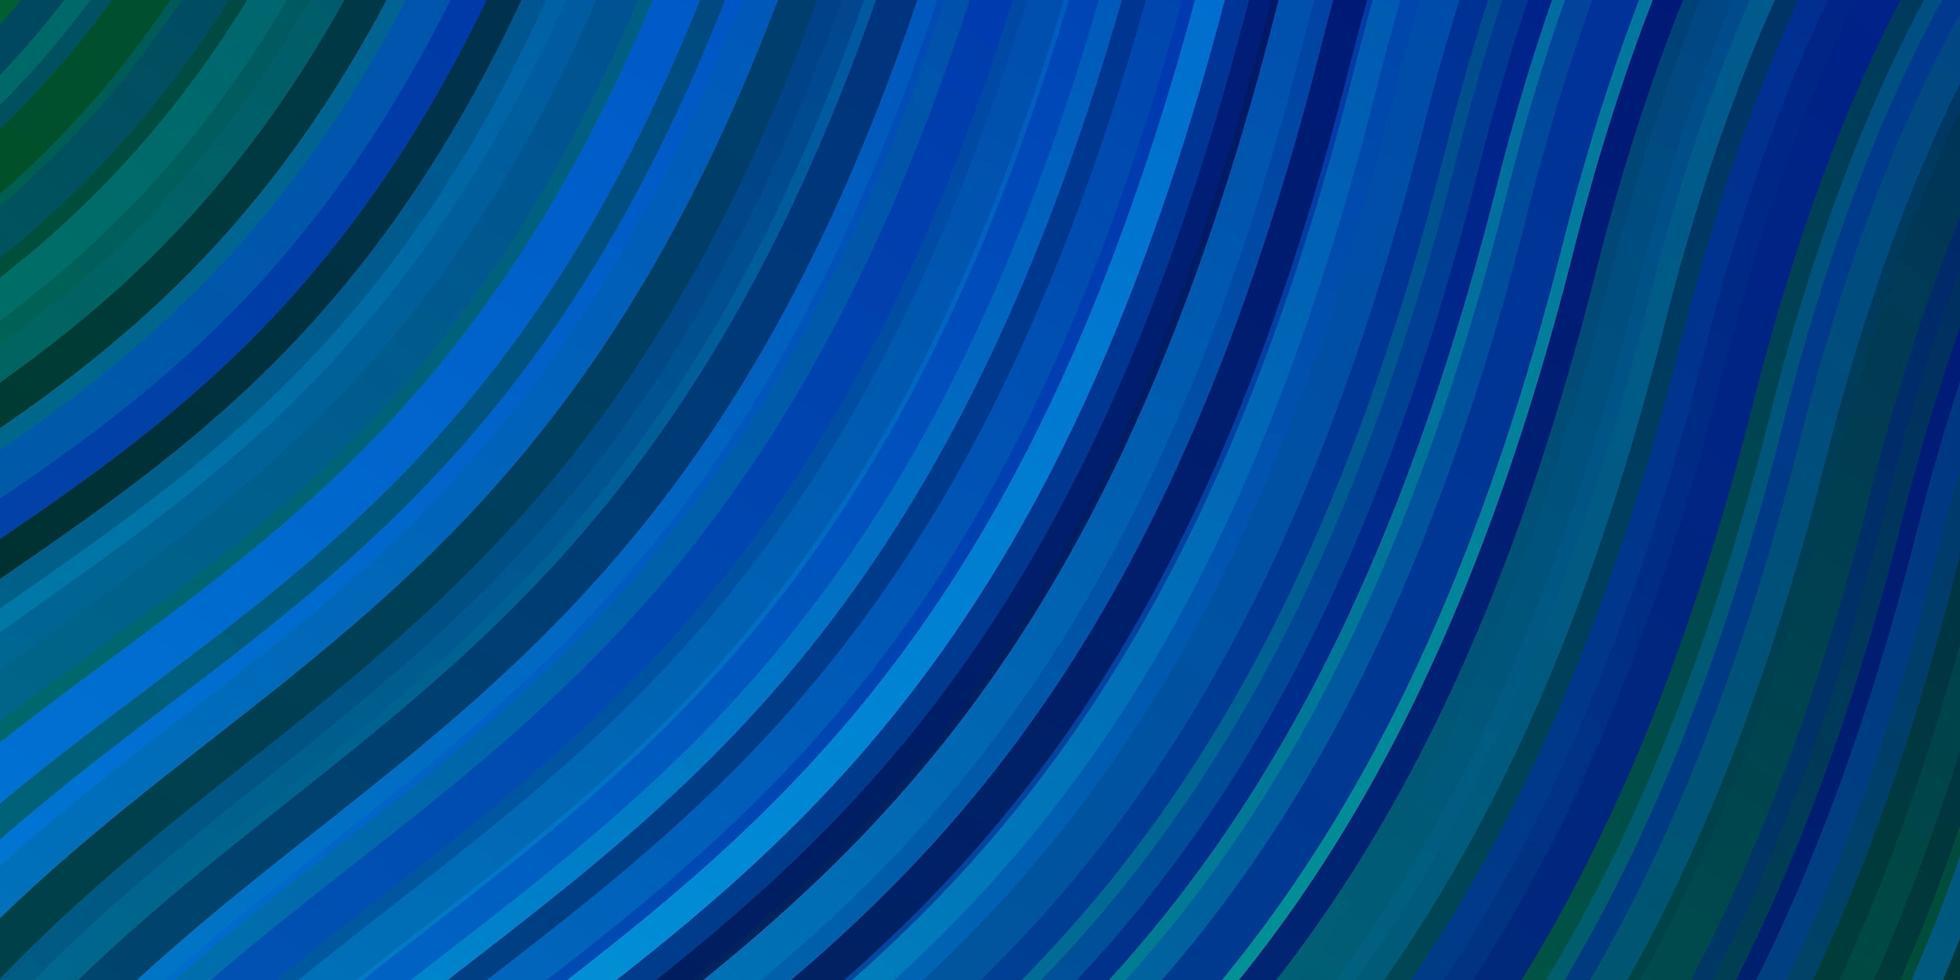 struttura di vettore blu chiaro, verde con curve.